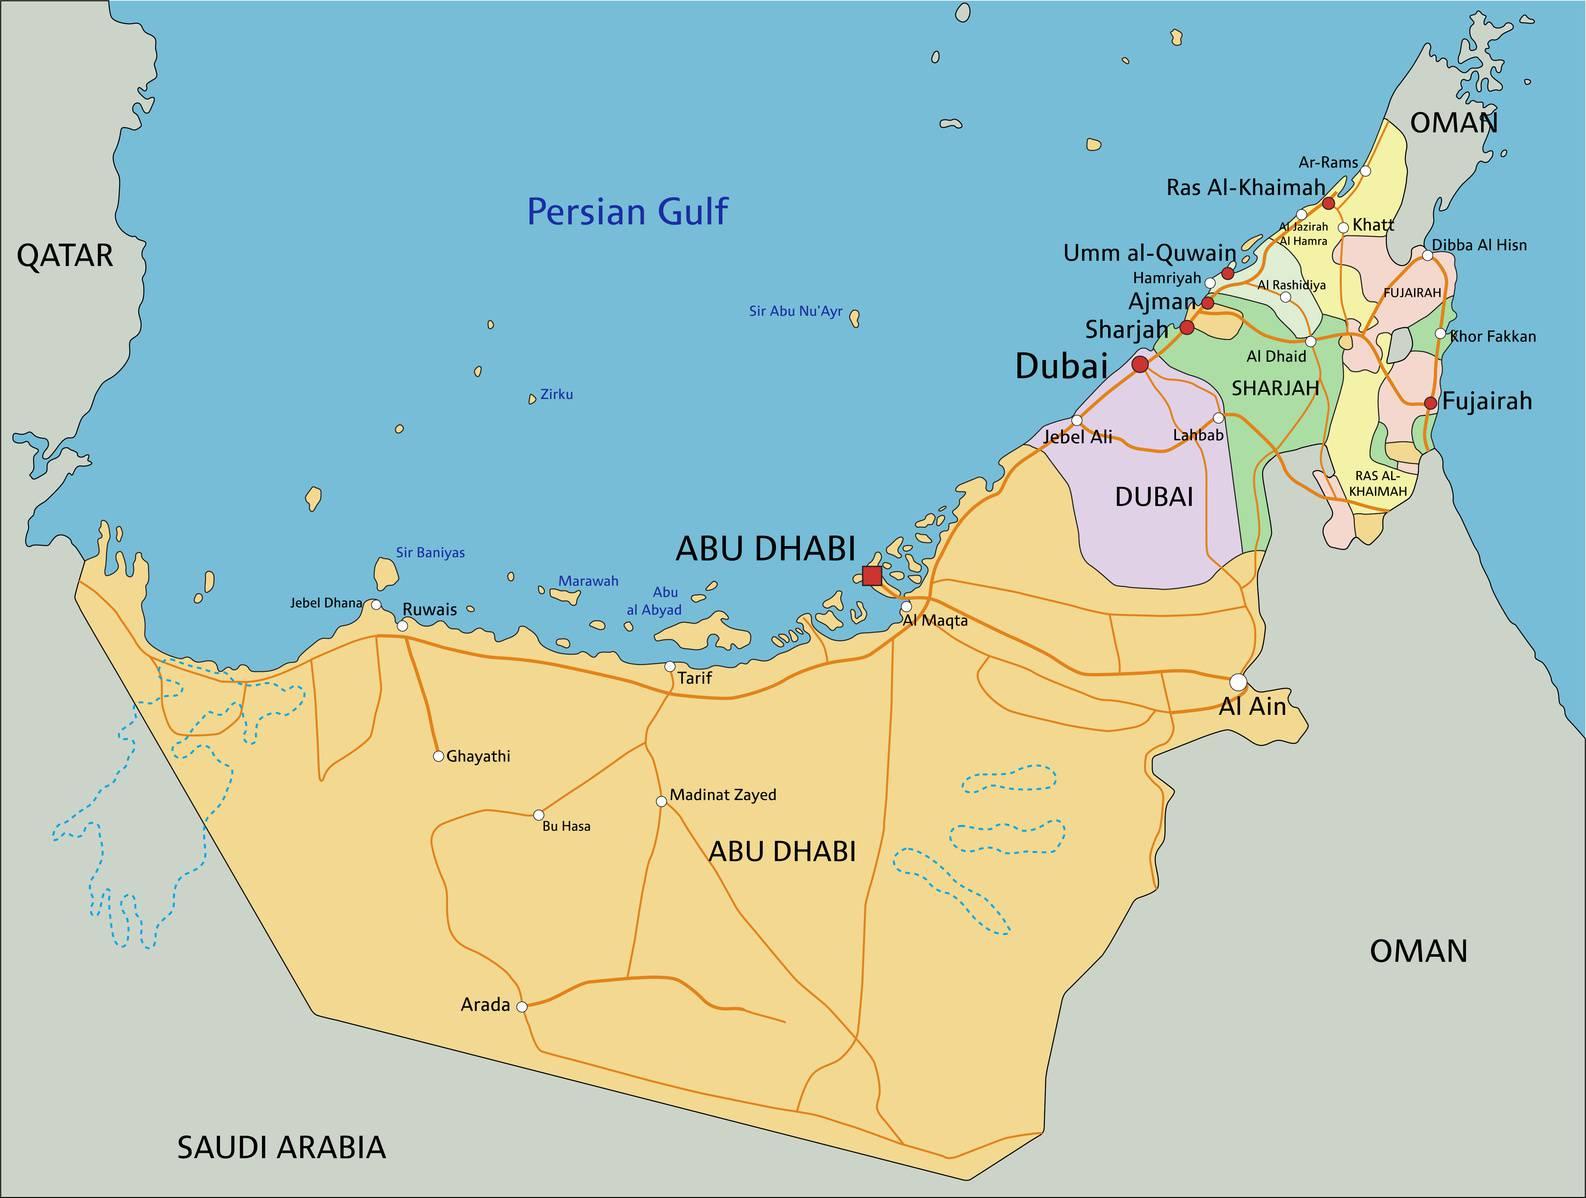 Carte des Emirats arabes unis   Plusieurs cartes du pays du Moyen